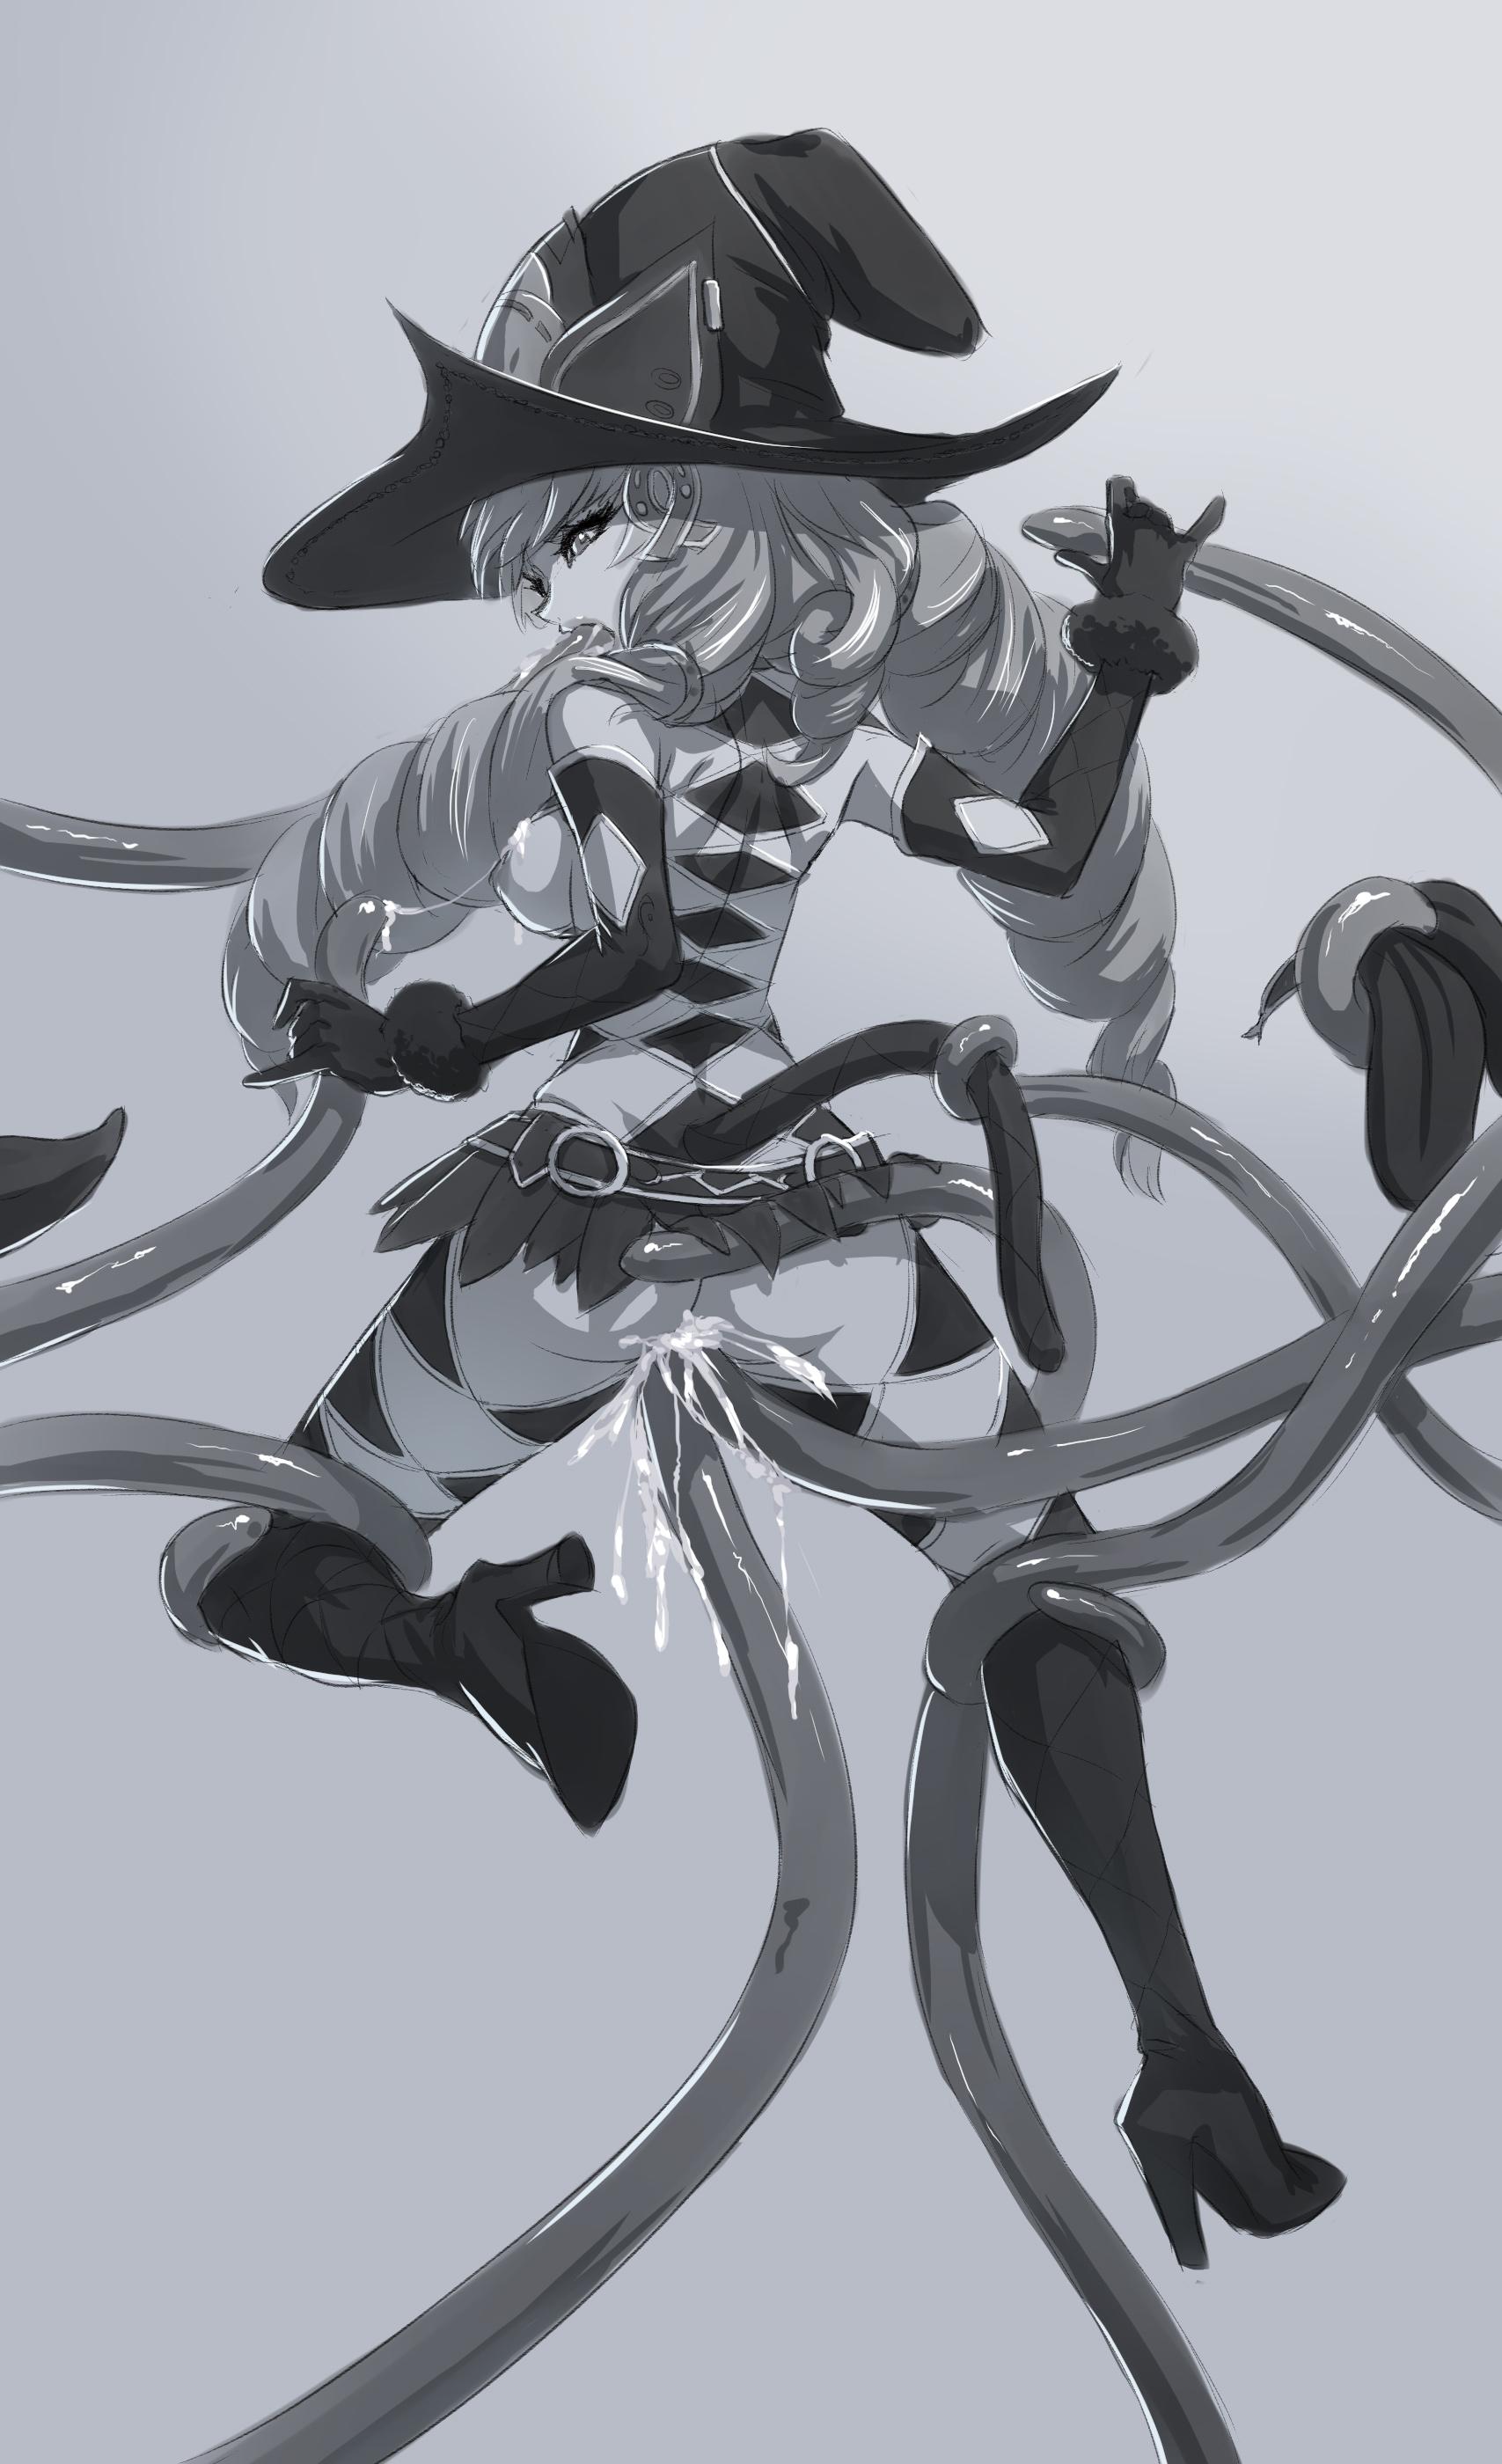 Star ocean tentacle hentai